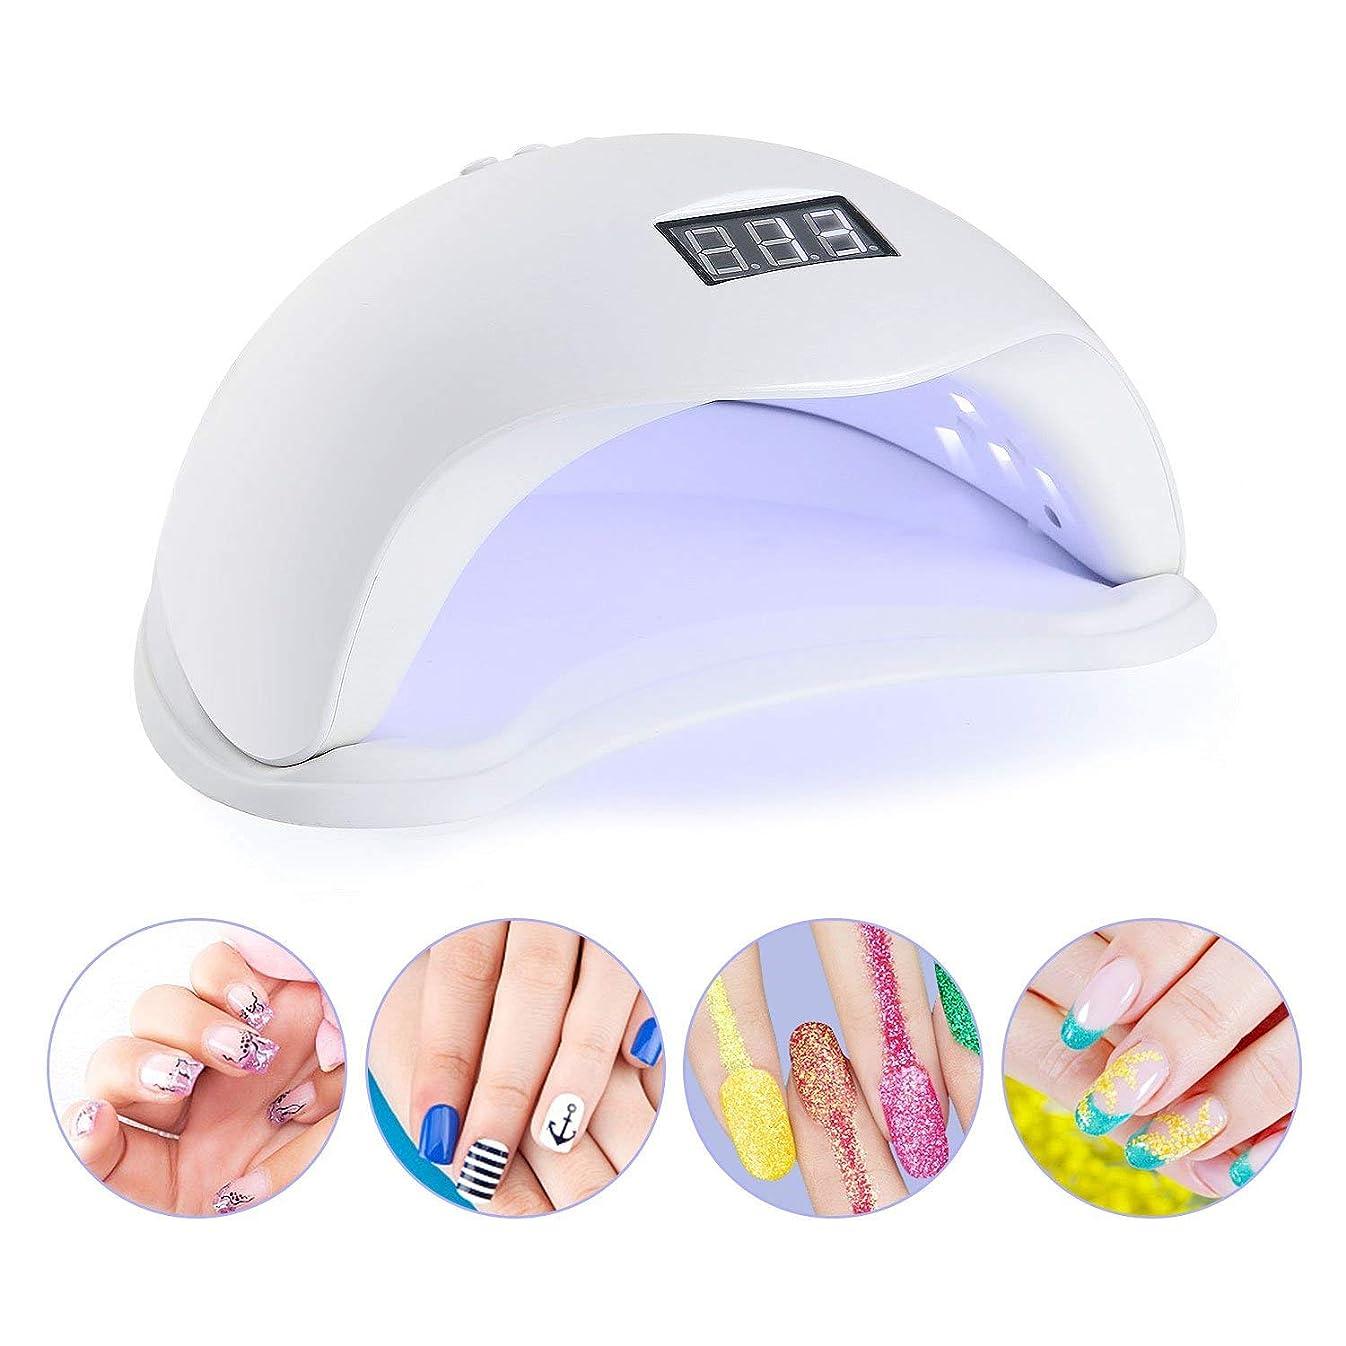 化合物ハリウッド発症センサー4のタイマー LCD 表示が付いているゲルの磨く発電機のための LED の釘ライト48W の専門の釘の紫外線爪の乾燥剤